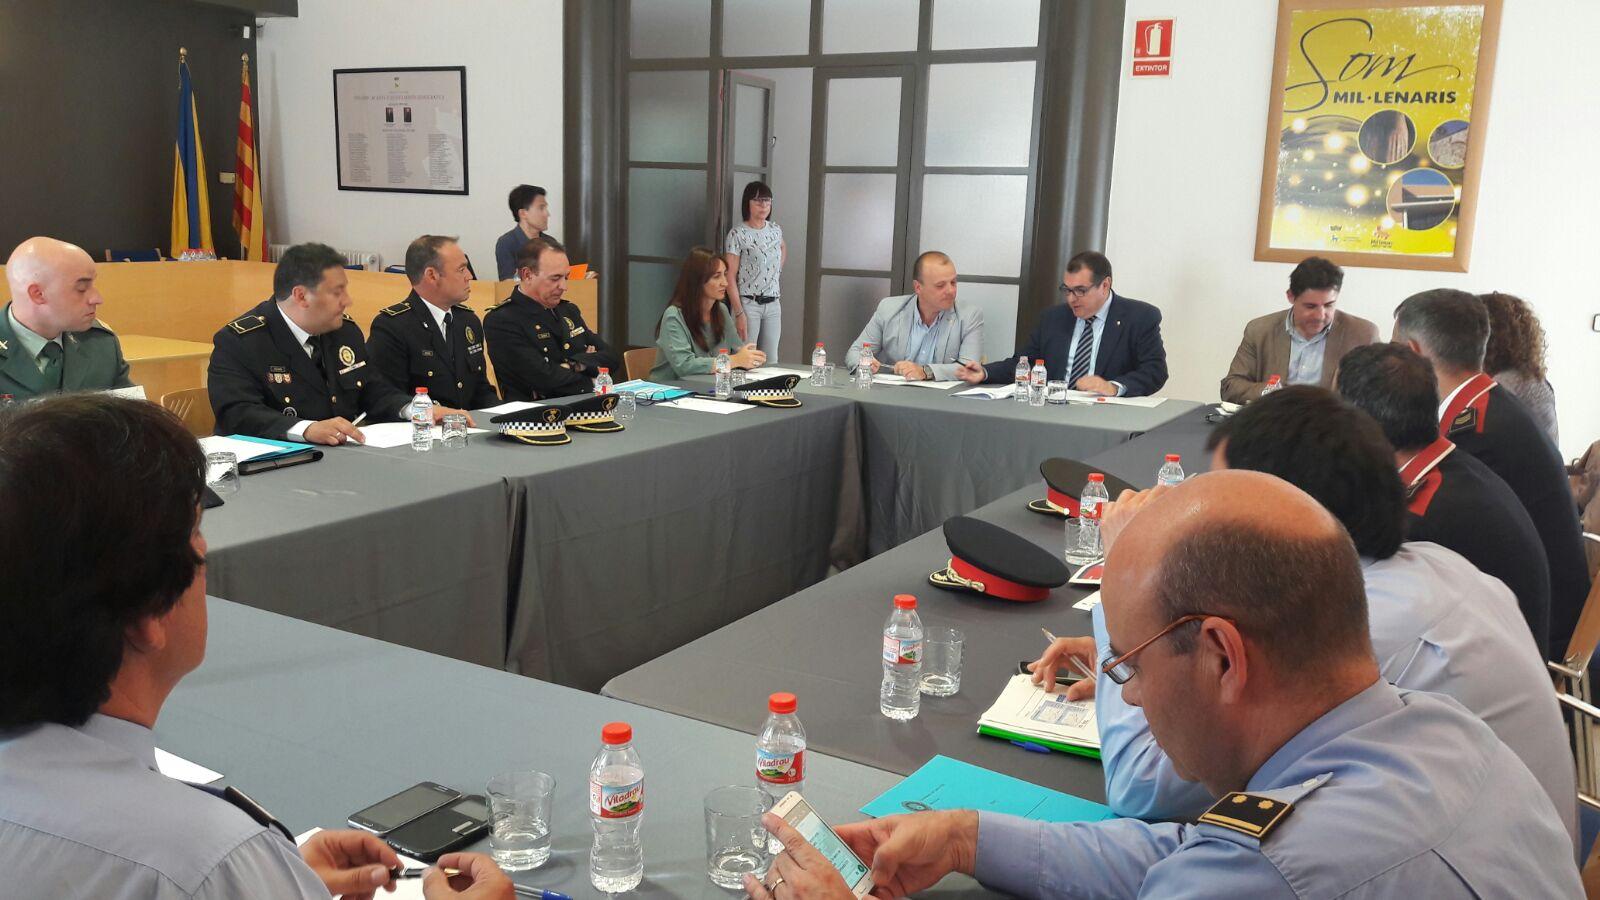 Un moment de la trobada de la Junta de Seguretat Local de Canovelles, celebrada aquest dimarts